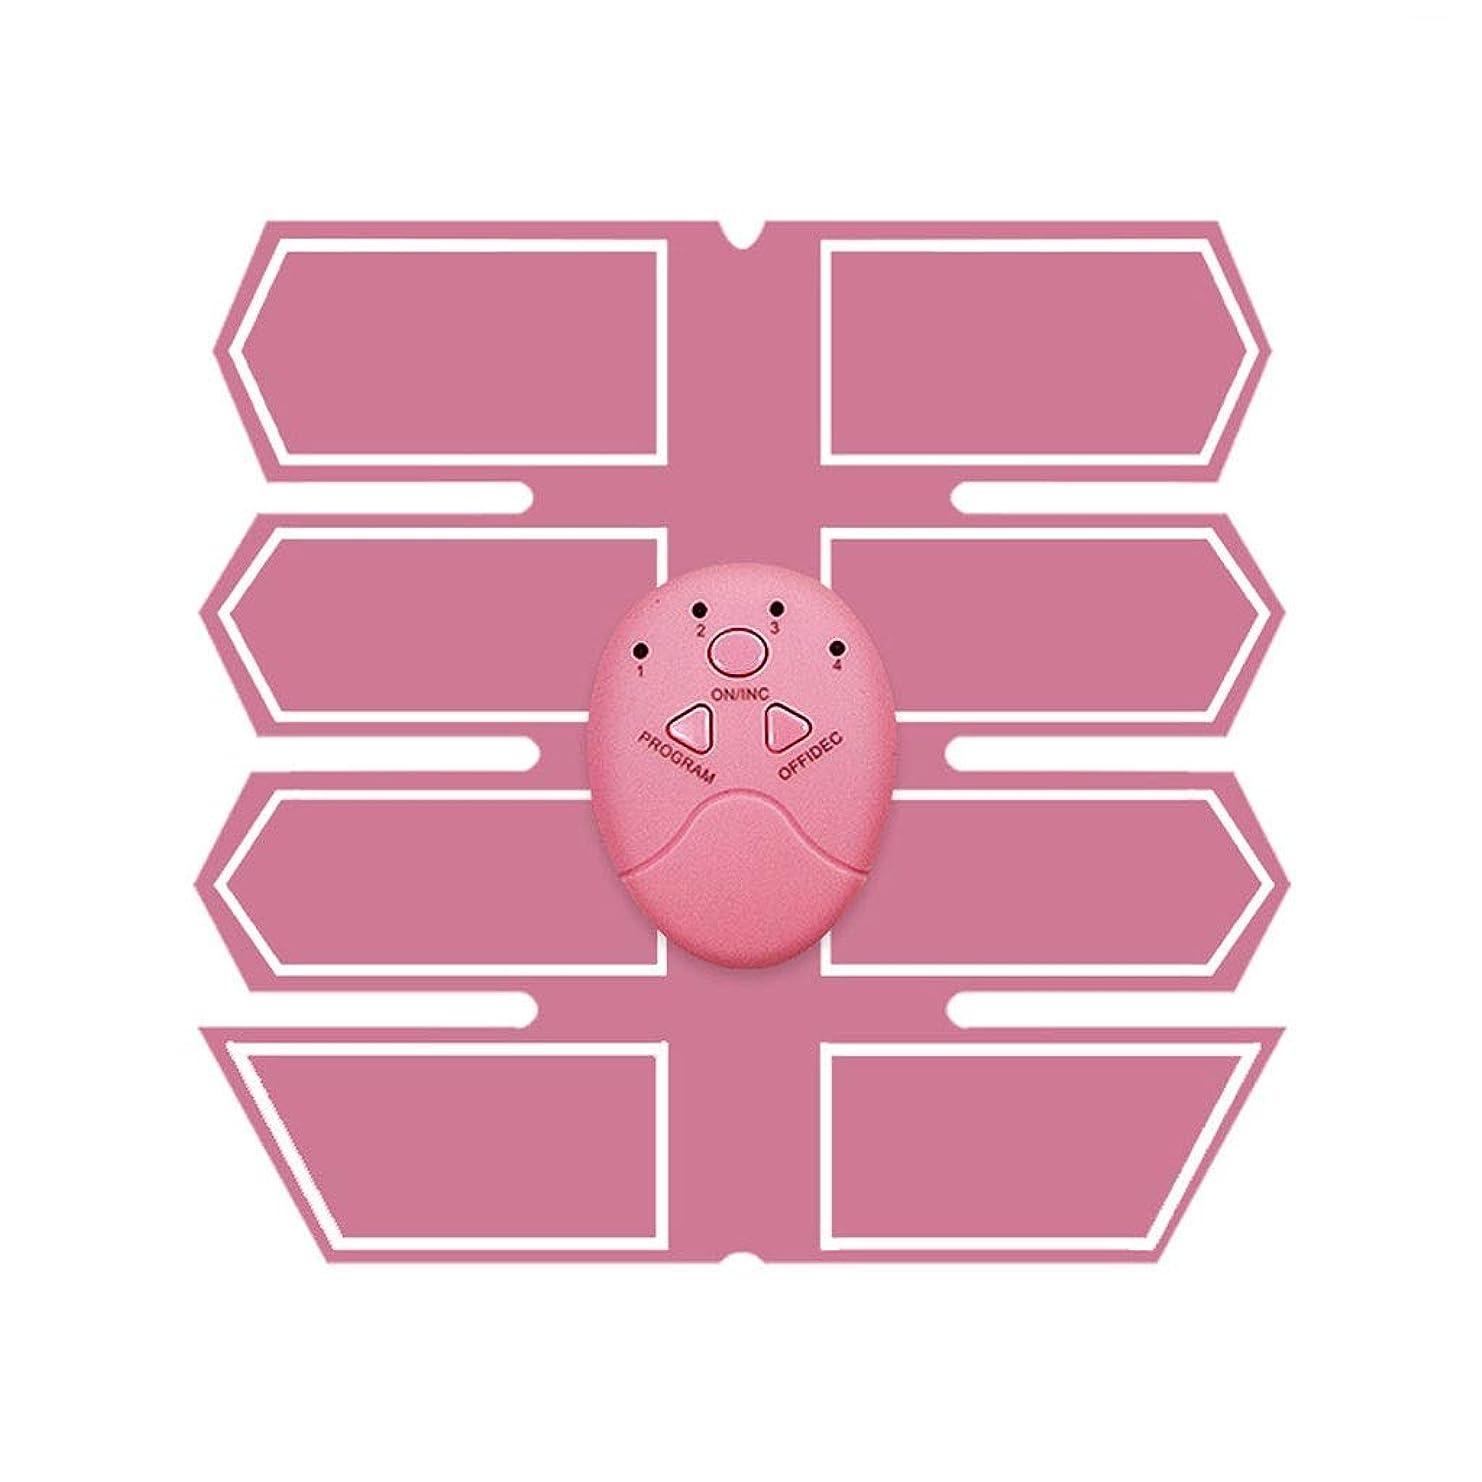 チョップアドバイス風が強いABSトレーナーEMS腹部電気筋肉刺激装置筋肉トナー調色ベルトフィットネストレーニングギアエクササイズマシンウエストトレーナーホームトレーニングフィットネス機器 (Color : Pink, Size : A)